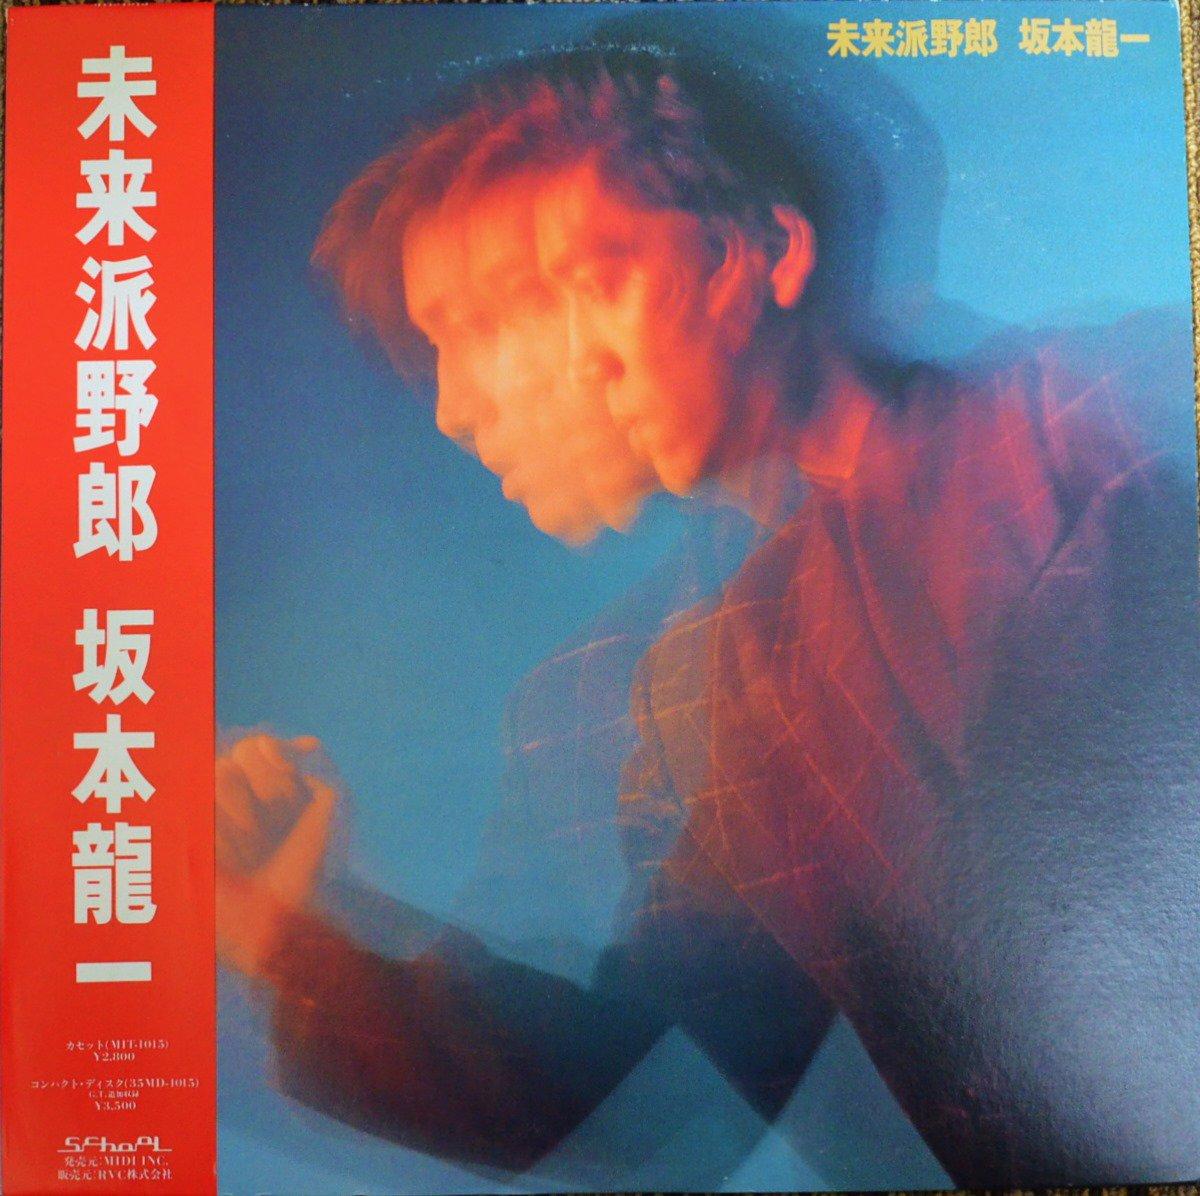 坂本龍一 RYUICHI SAKAMOTO / 未来派野郎 FUTURISTA (LP)